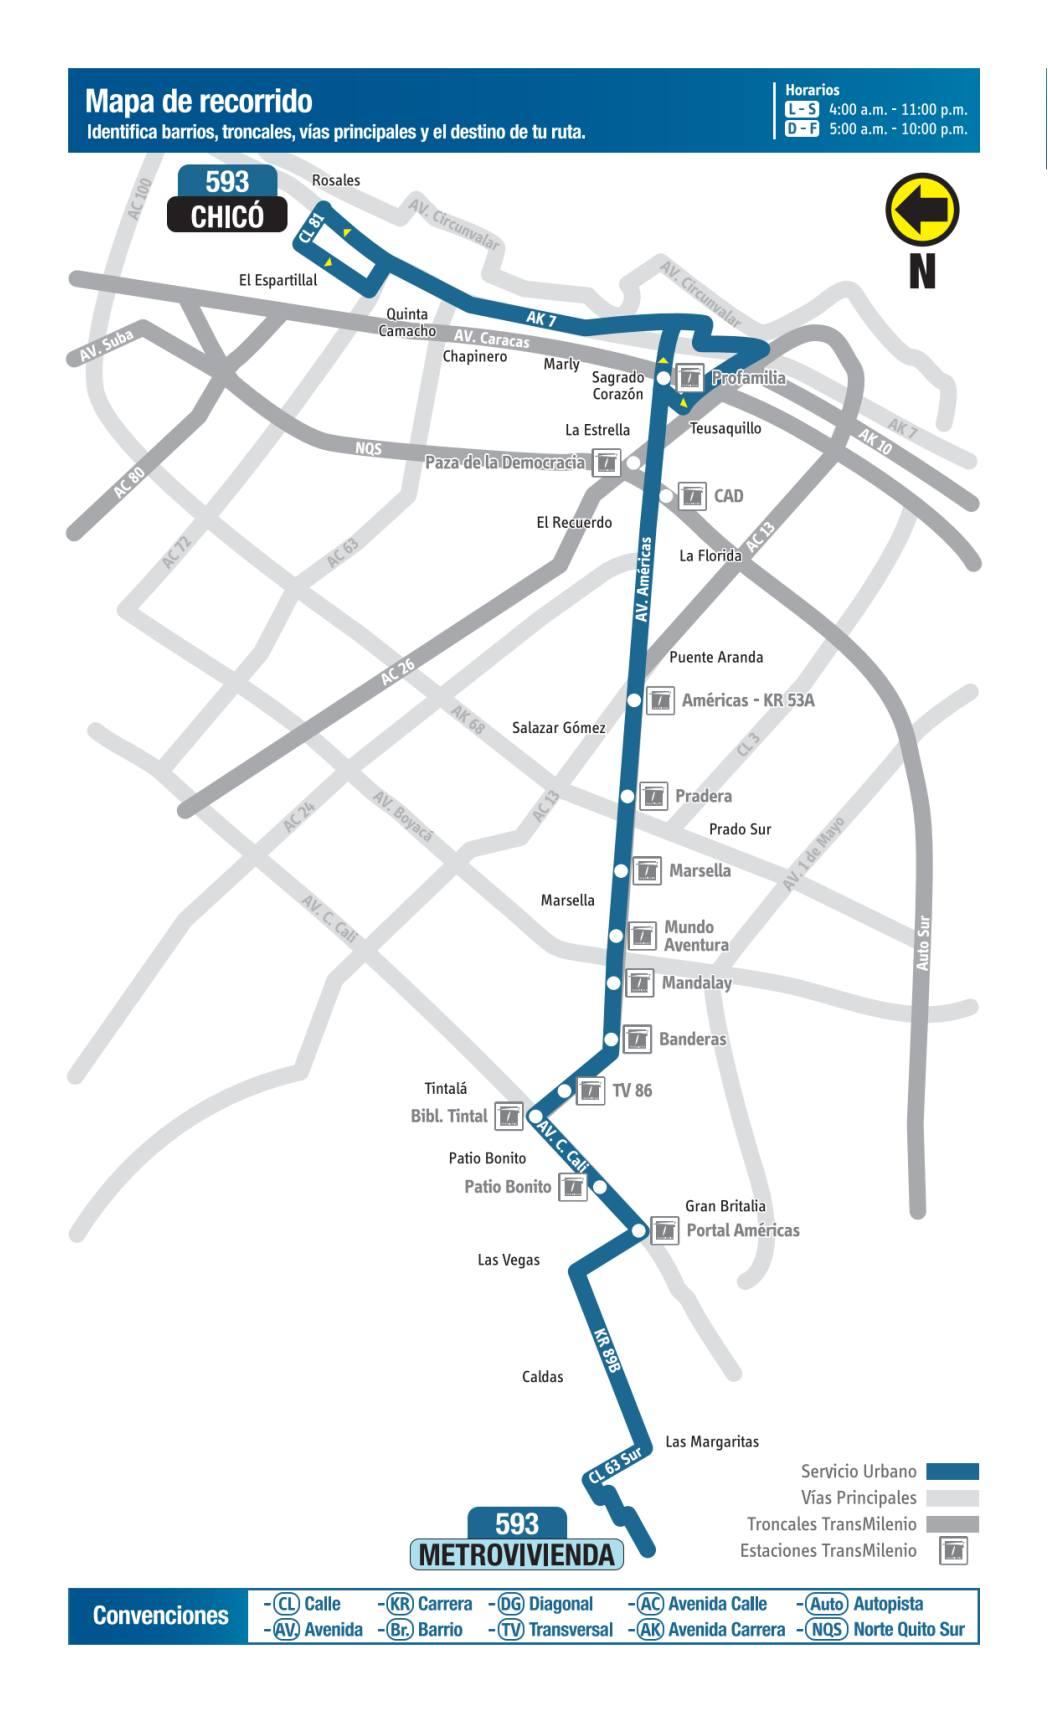 593 Metrovivienda - Chicó, mapa bus urbano Bogotá